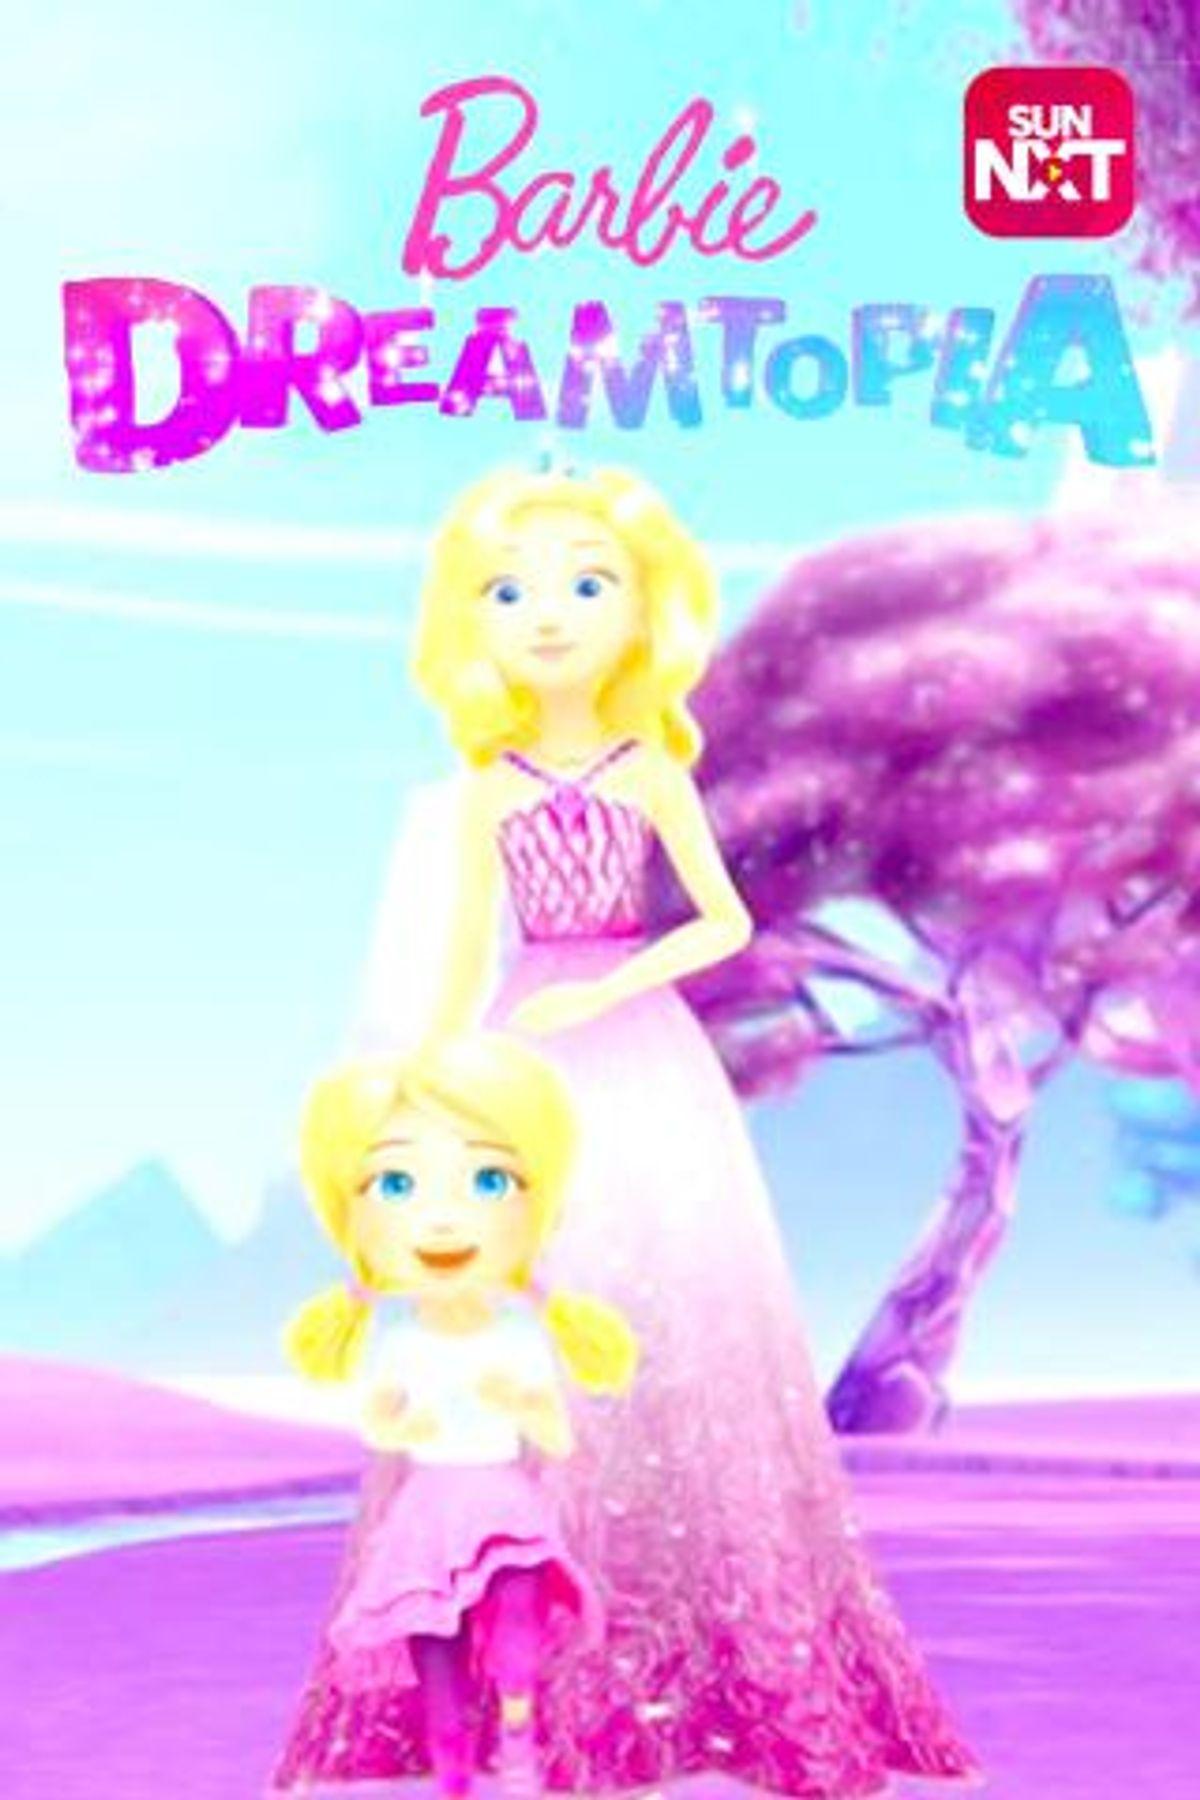 Barbie - Dreamtopia Snippets